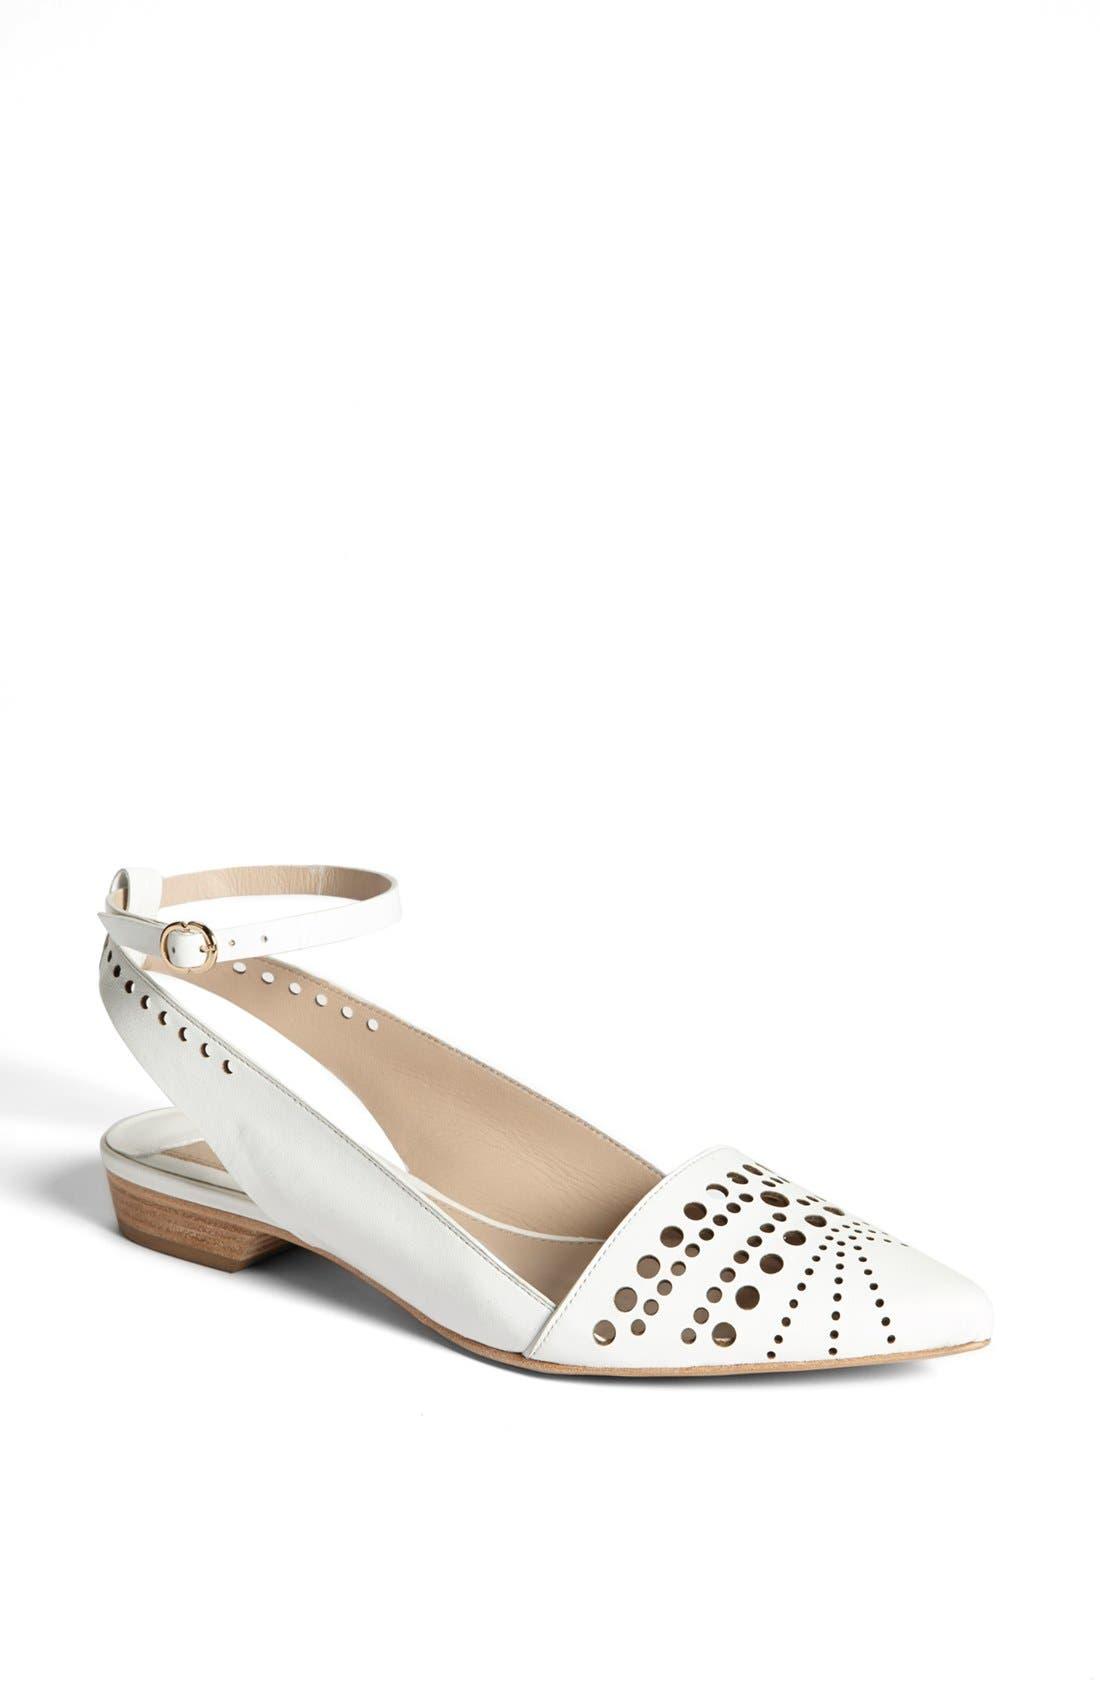 Main Image - Derek Lam 10 Crosby 'Astoria' Sandal